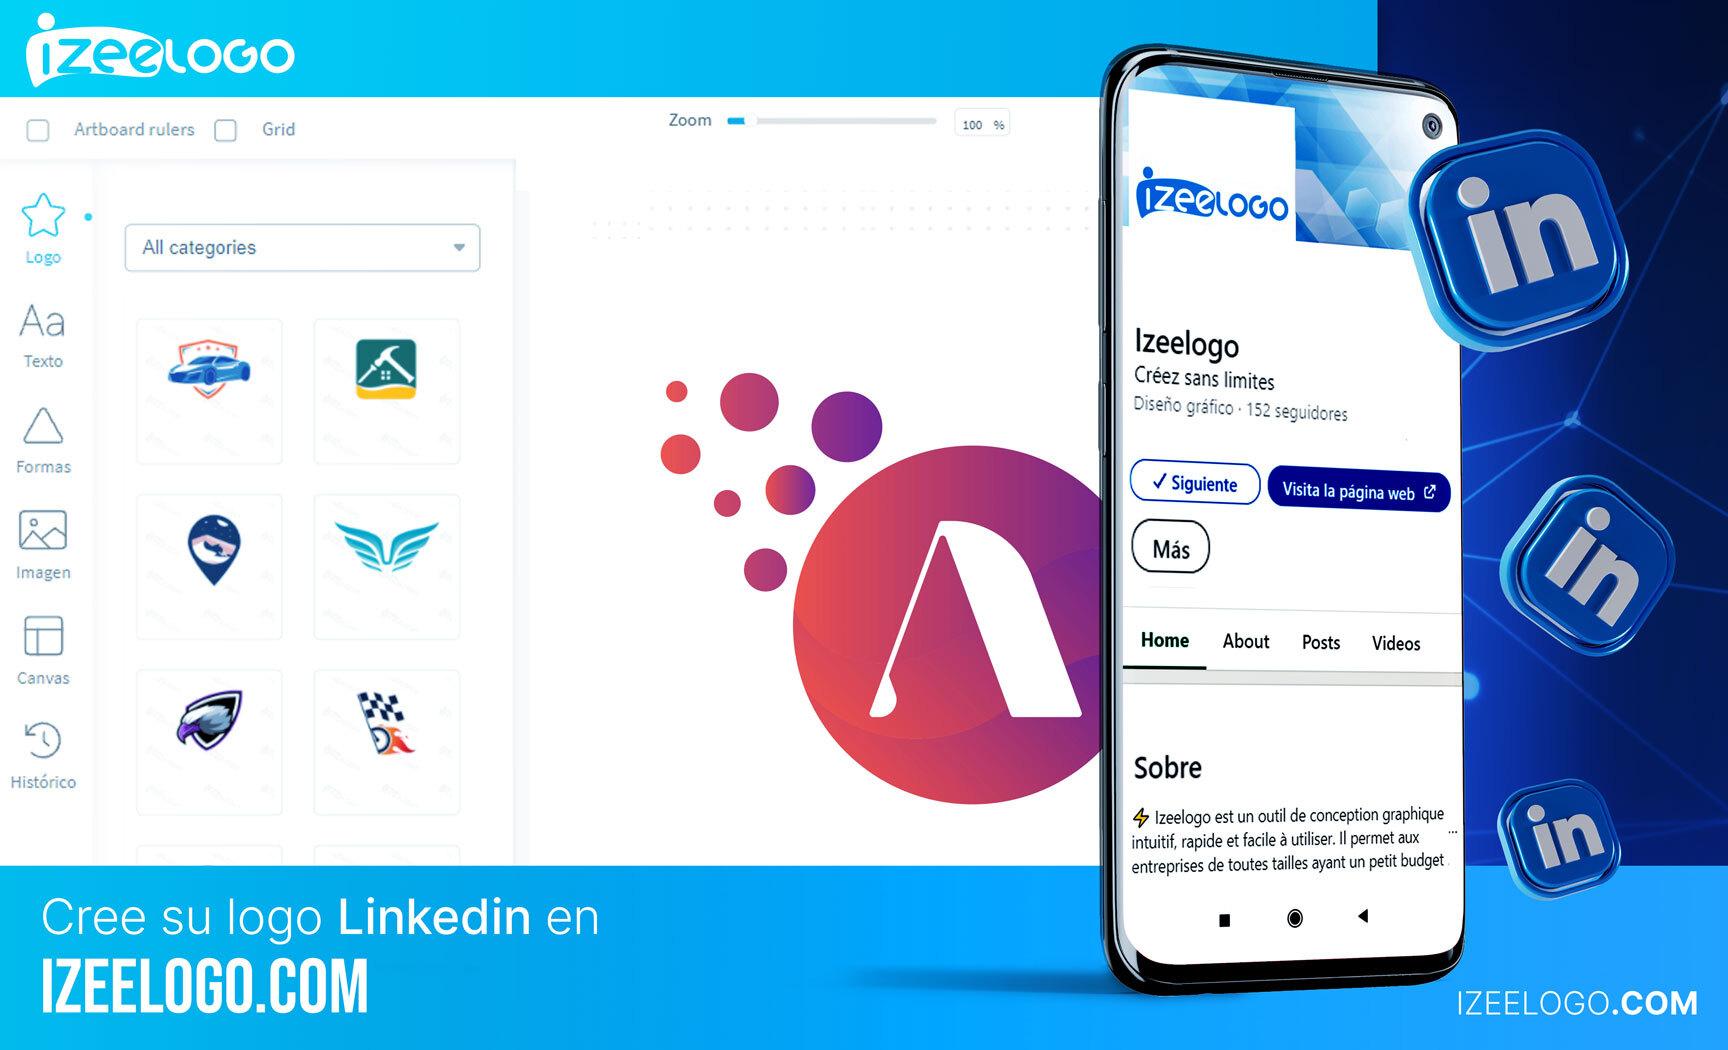 Izeelogo, su generador de logos online. Crea tu propio logo